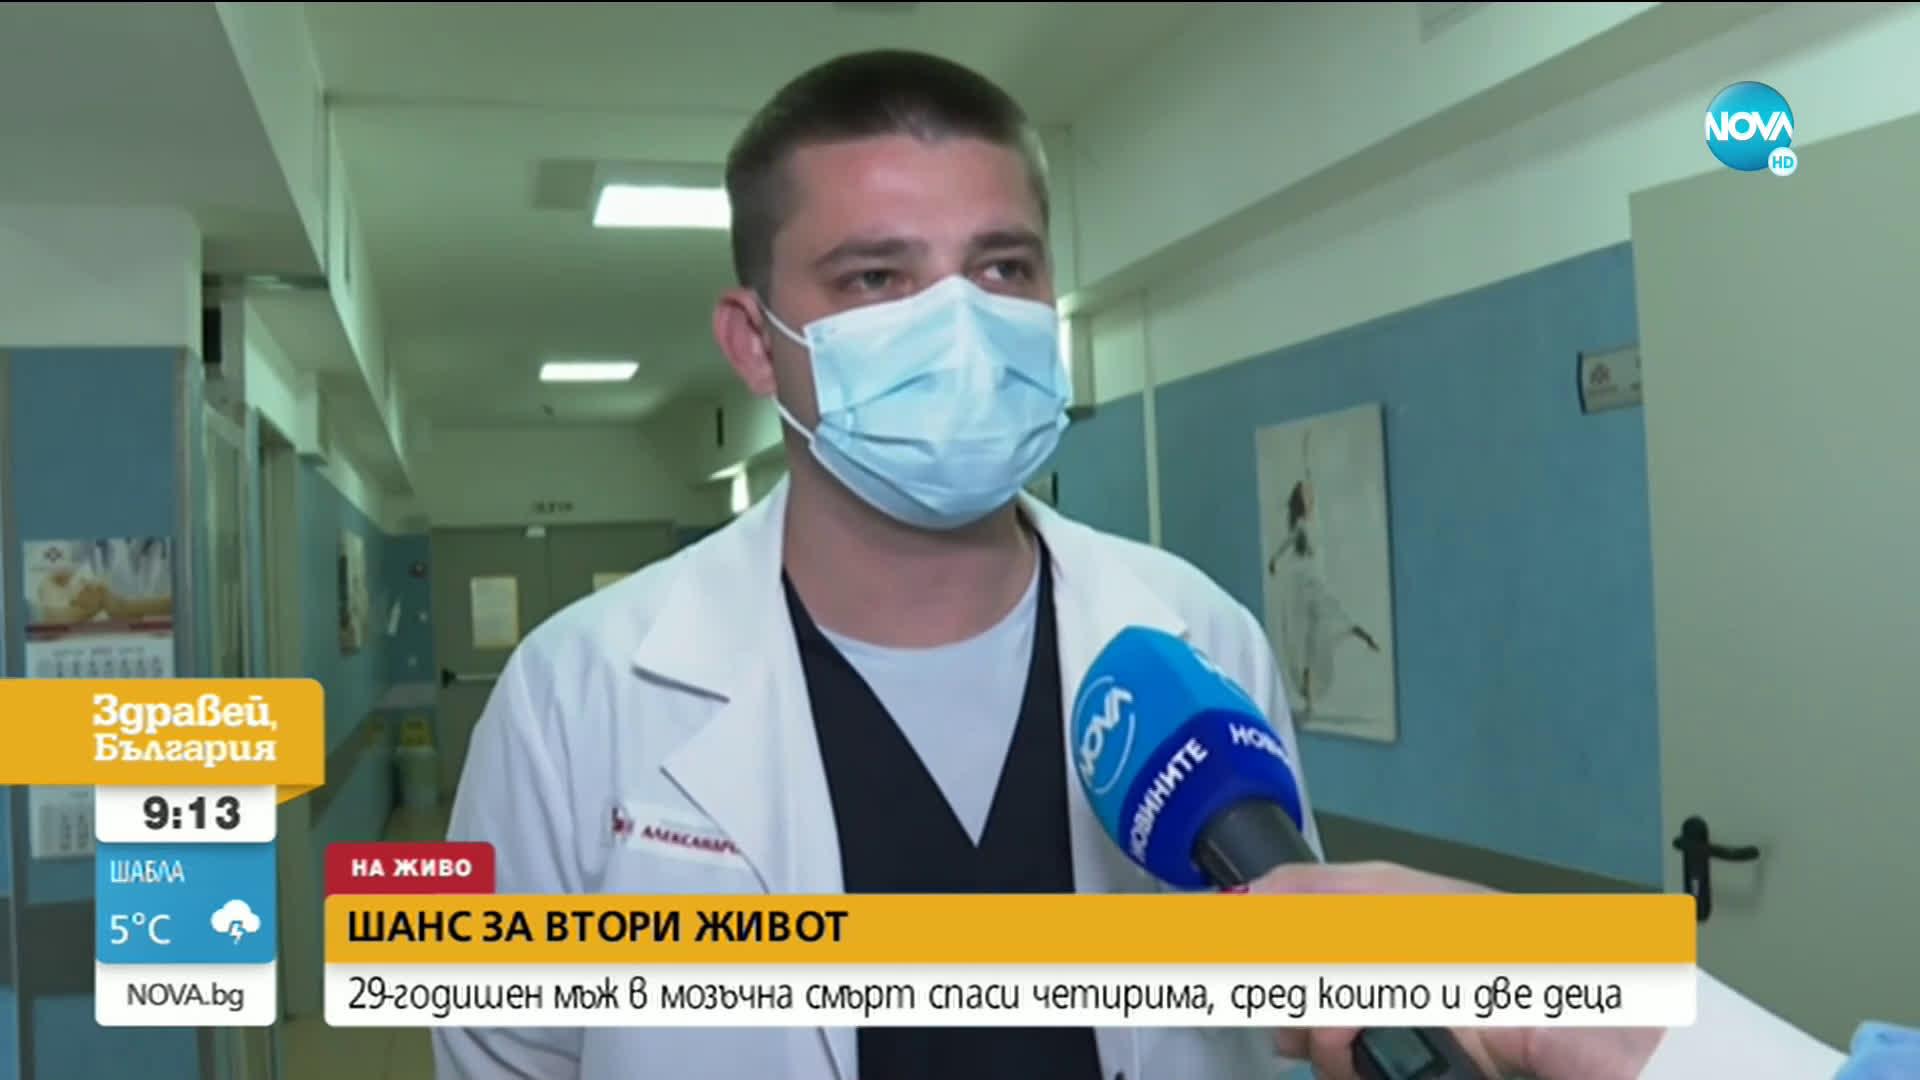 ВТОРИ ШАНС: 29-годишен мъж в мозъчна смърт спаси четирима души